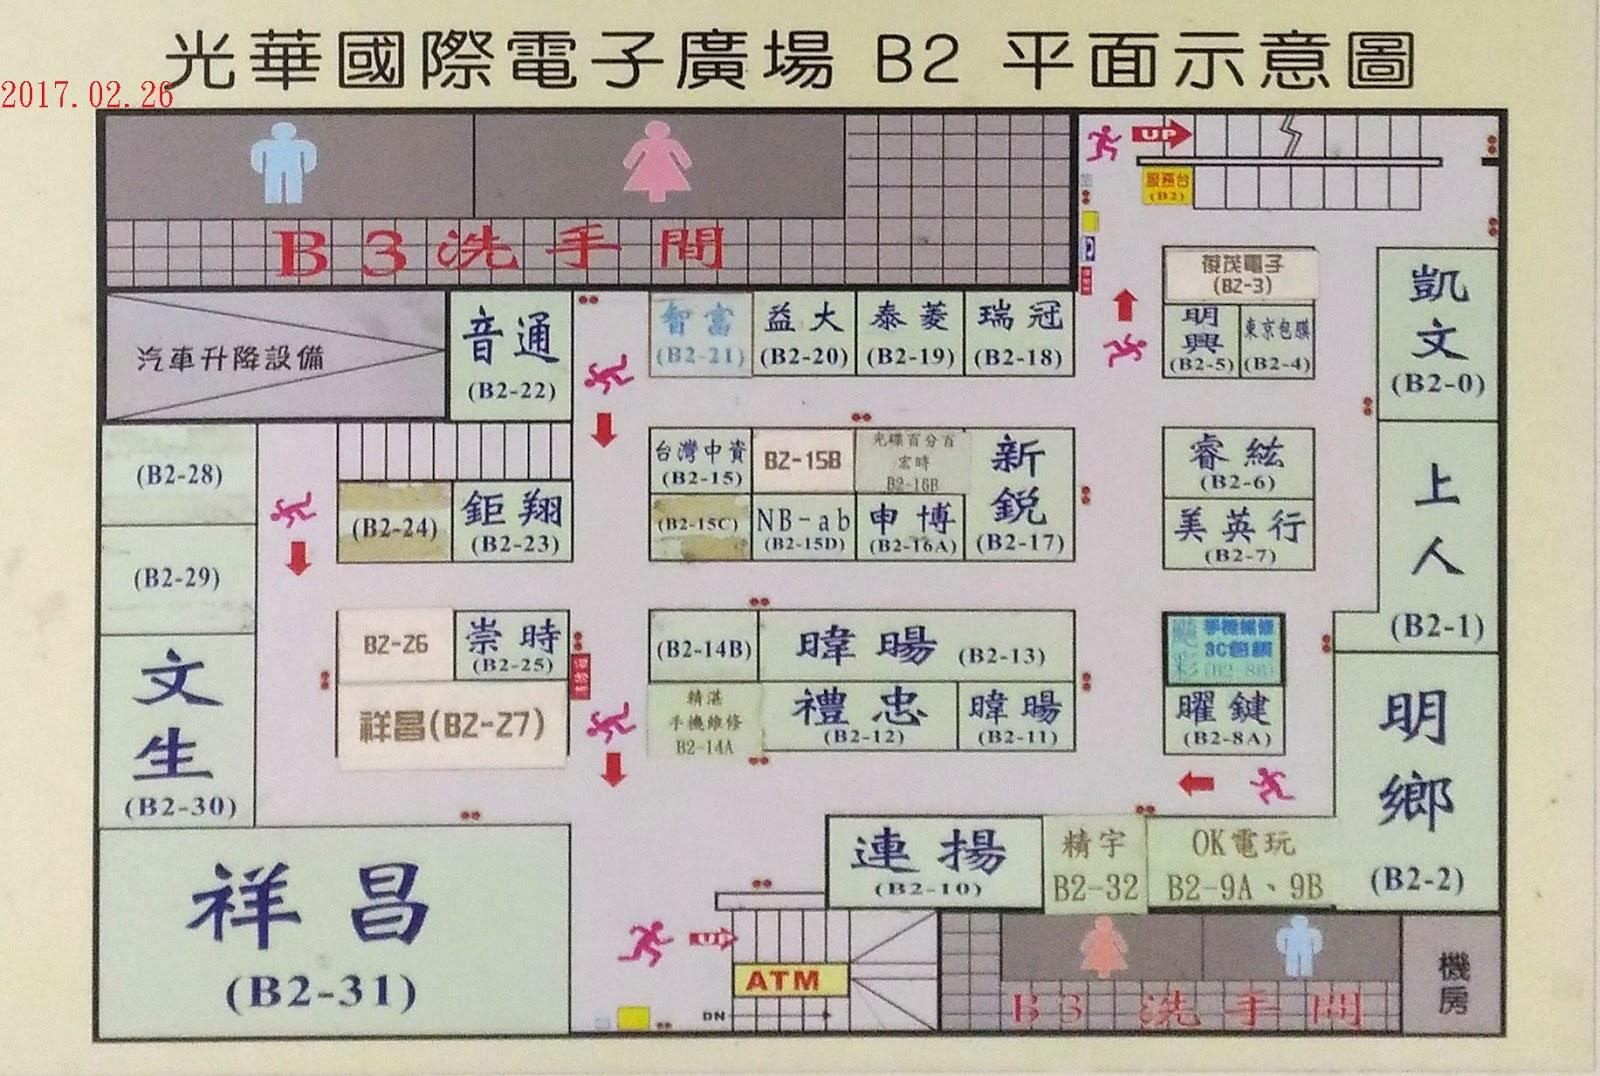 浮雲雅築: [研究] 光華國際電子廣場 (光華商場 地下電子城) B2 平面示意圖